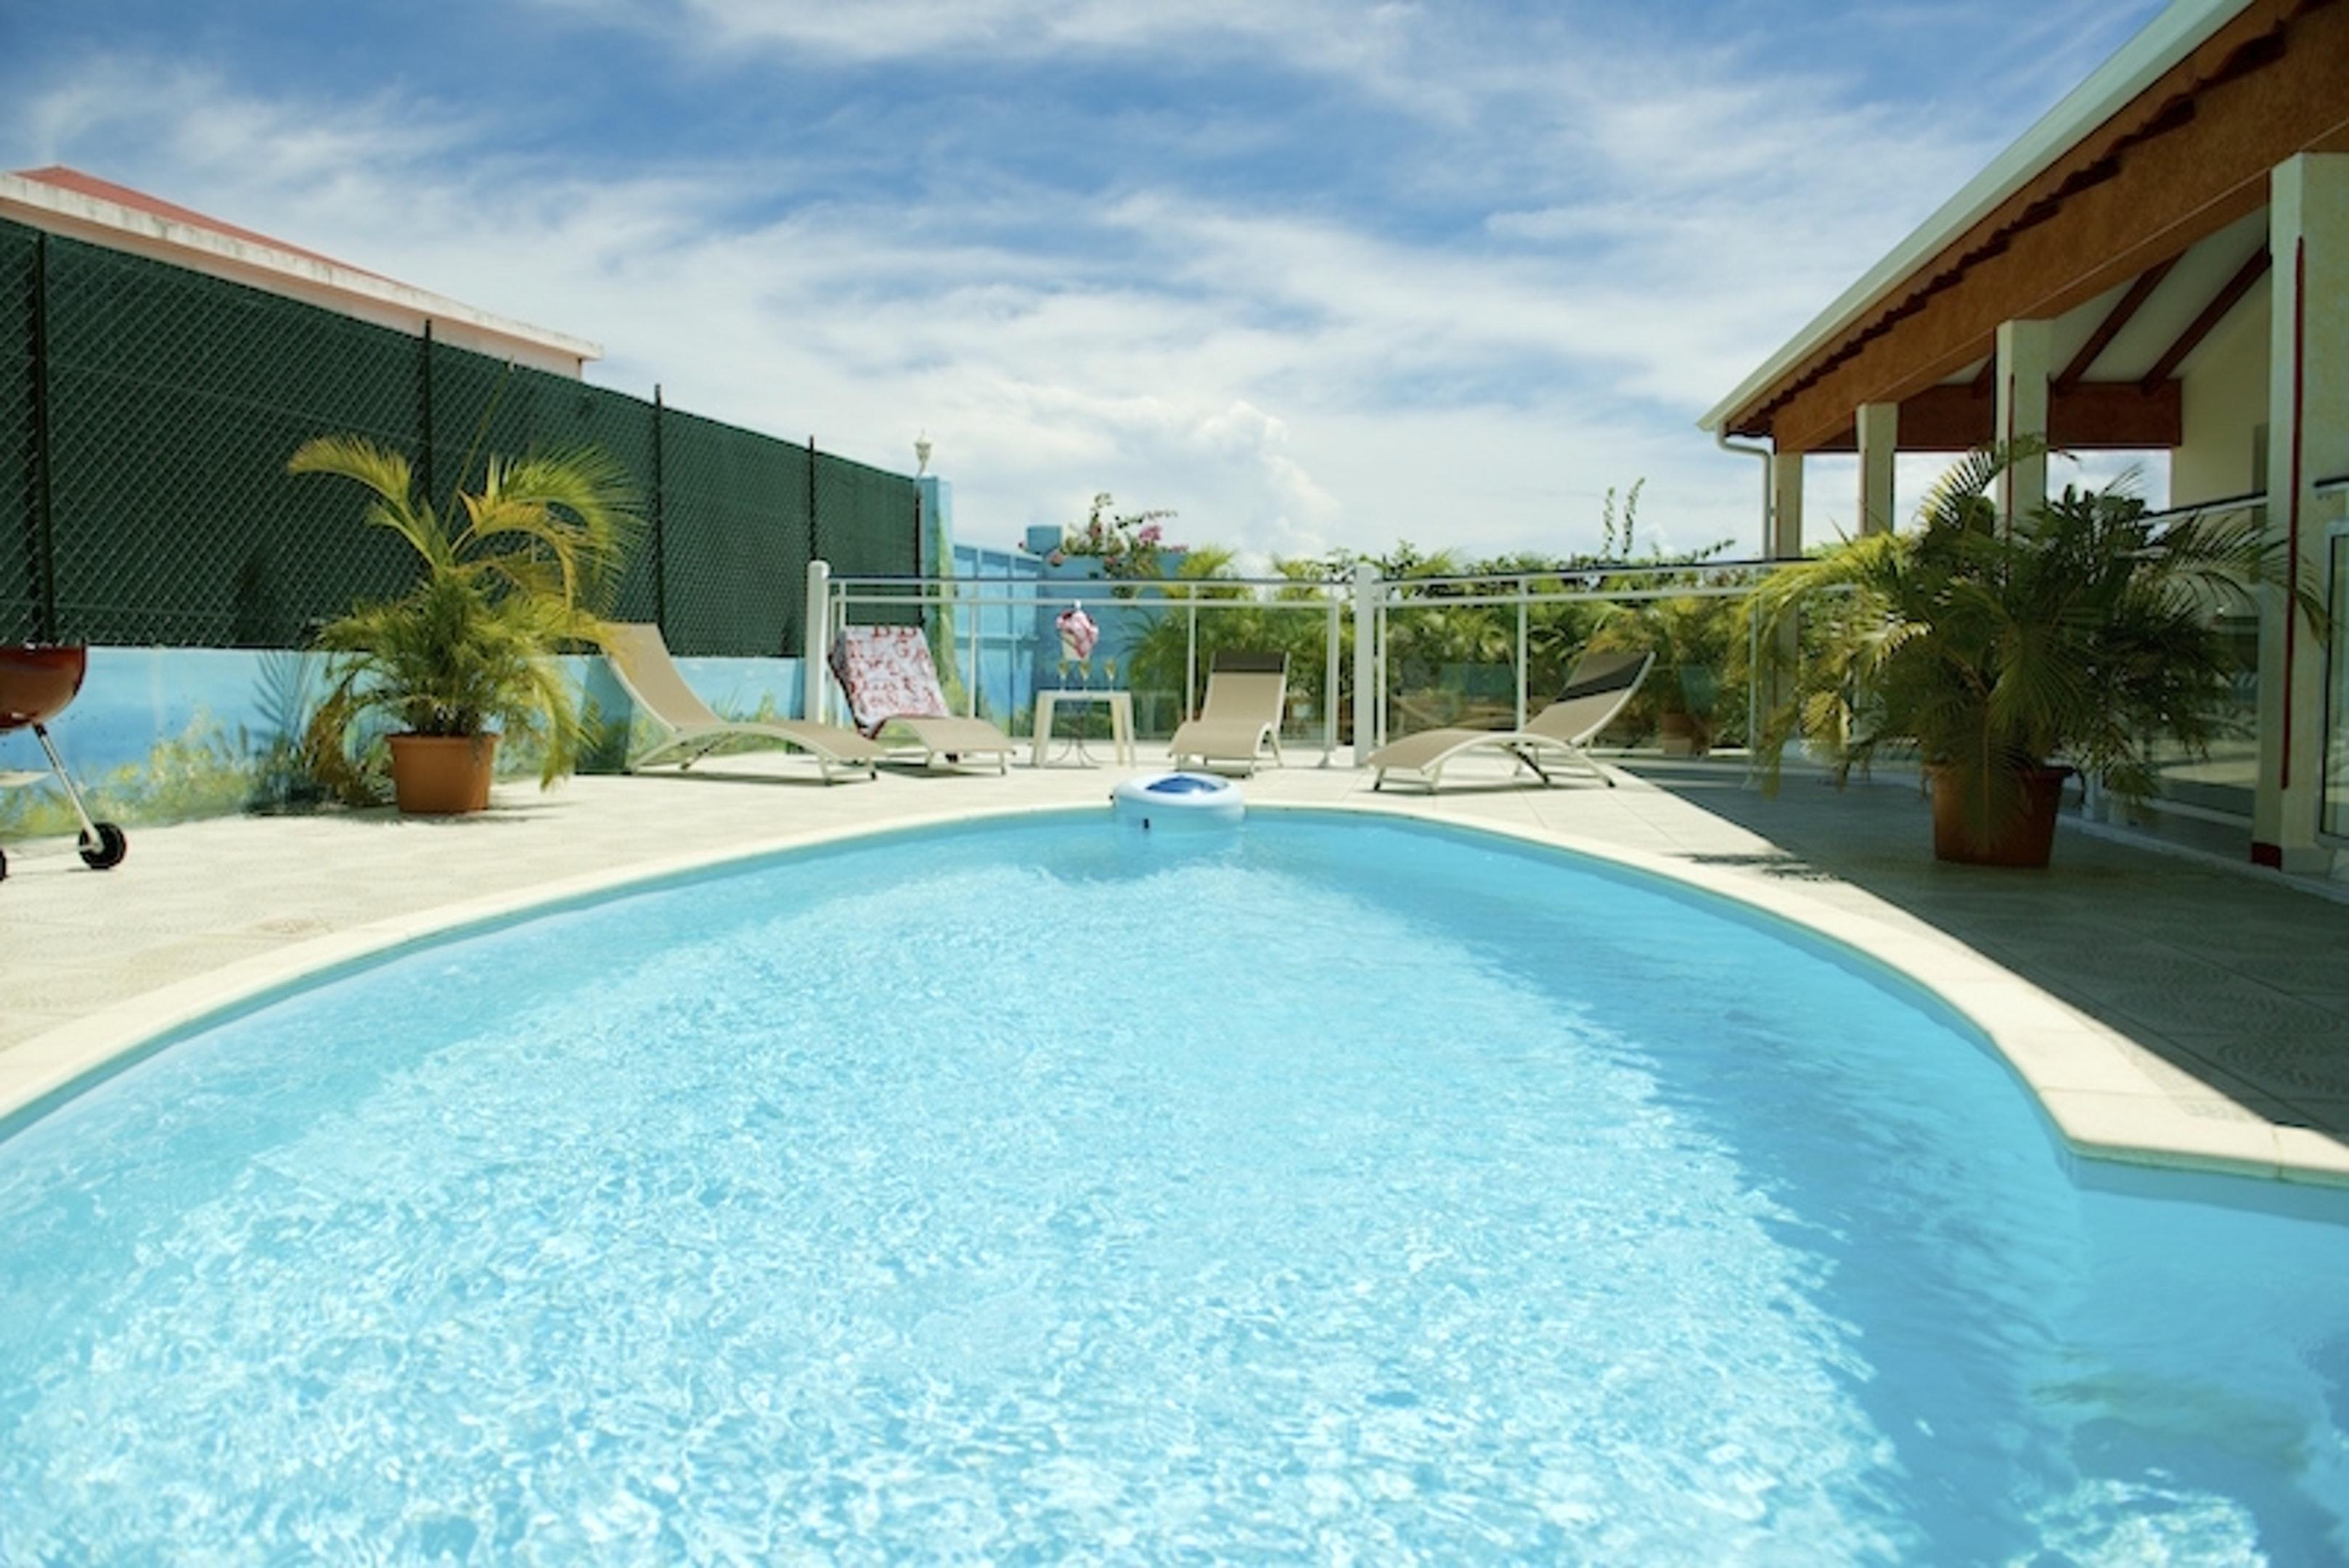 Villa mit 3 Schlafzimmern in Saint-François Villa in Mittelamerika und Karibik